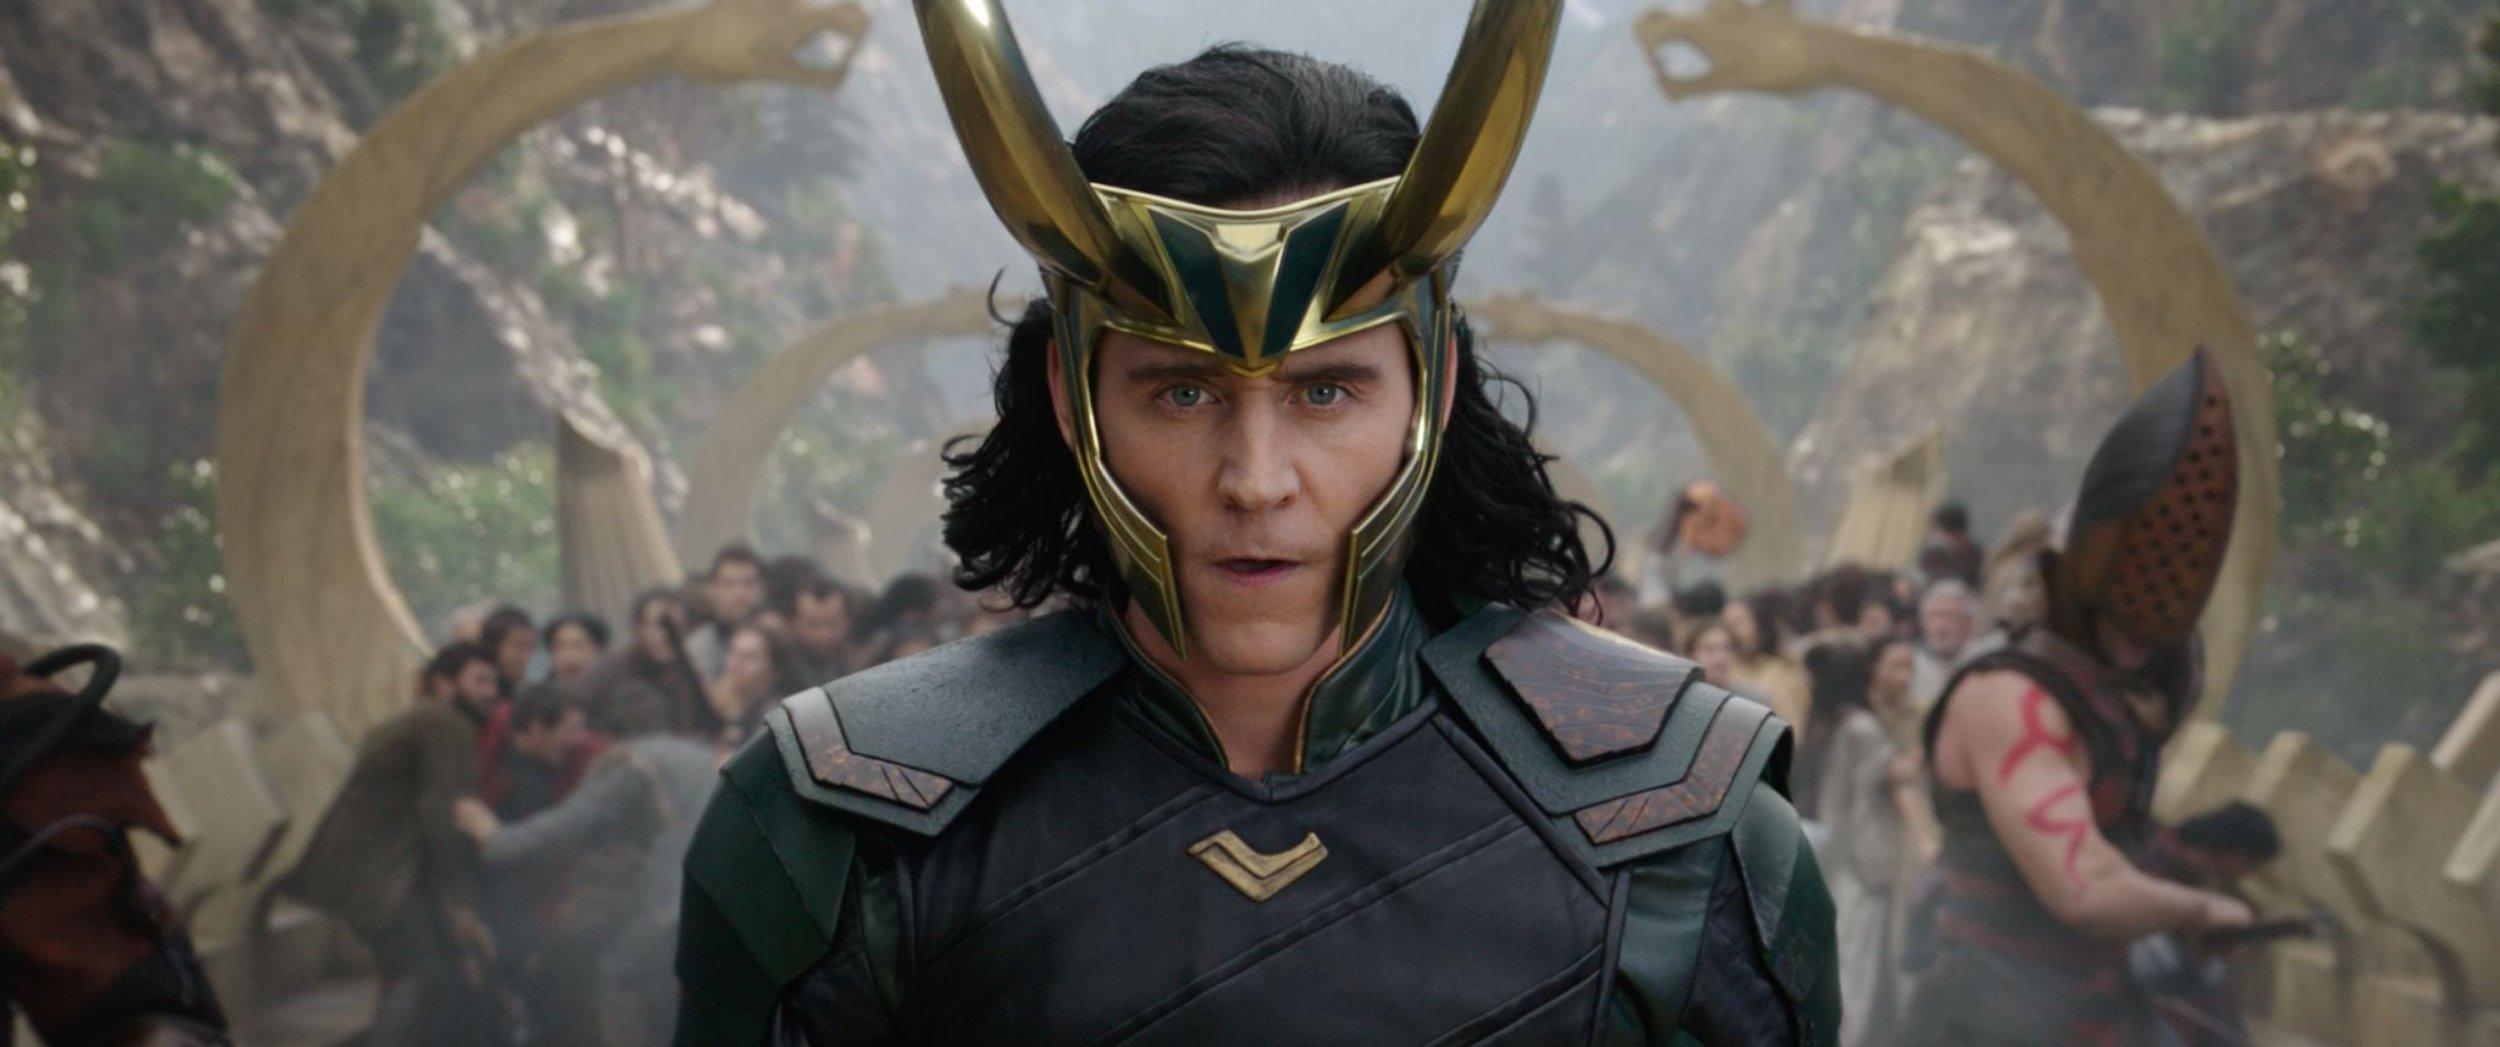 Loki de marvel